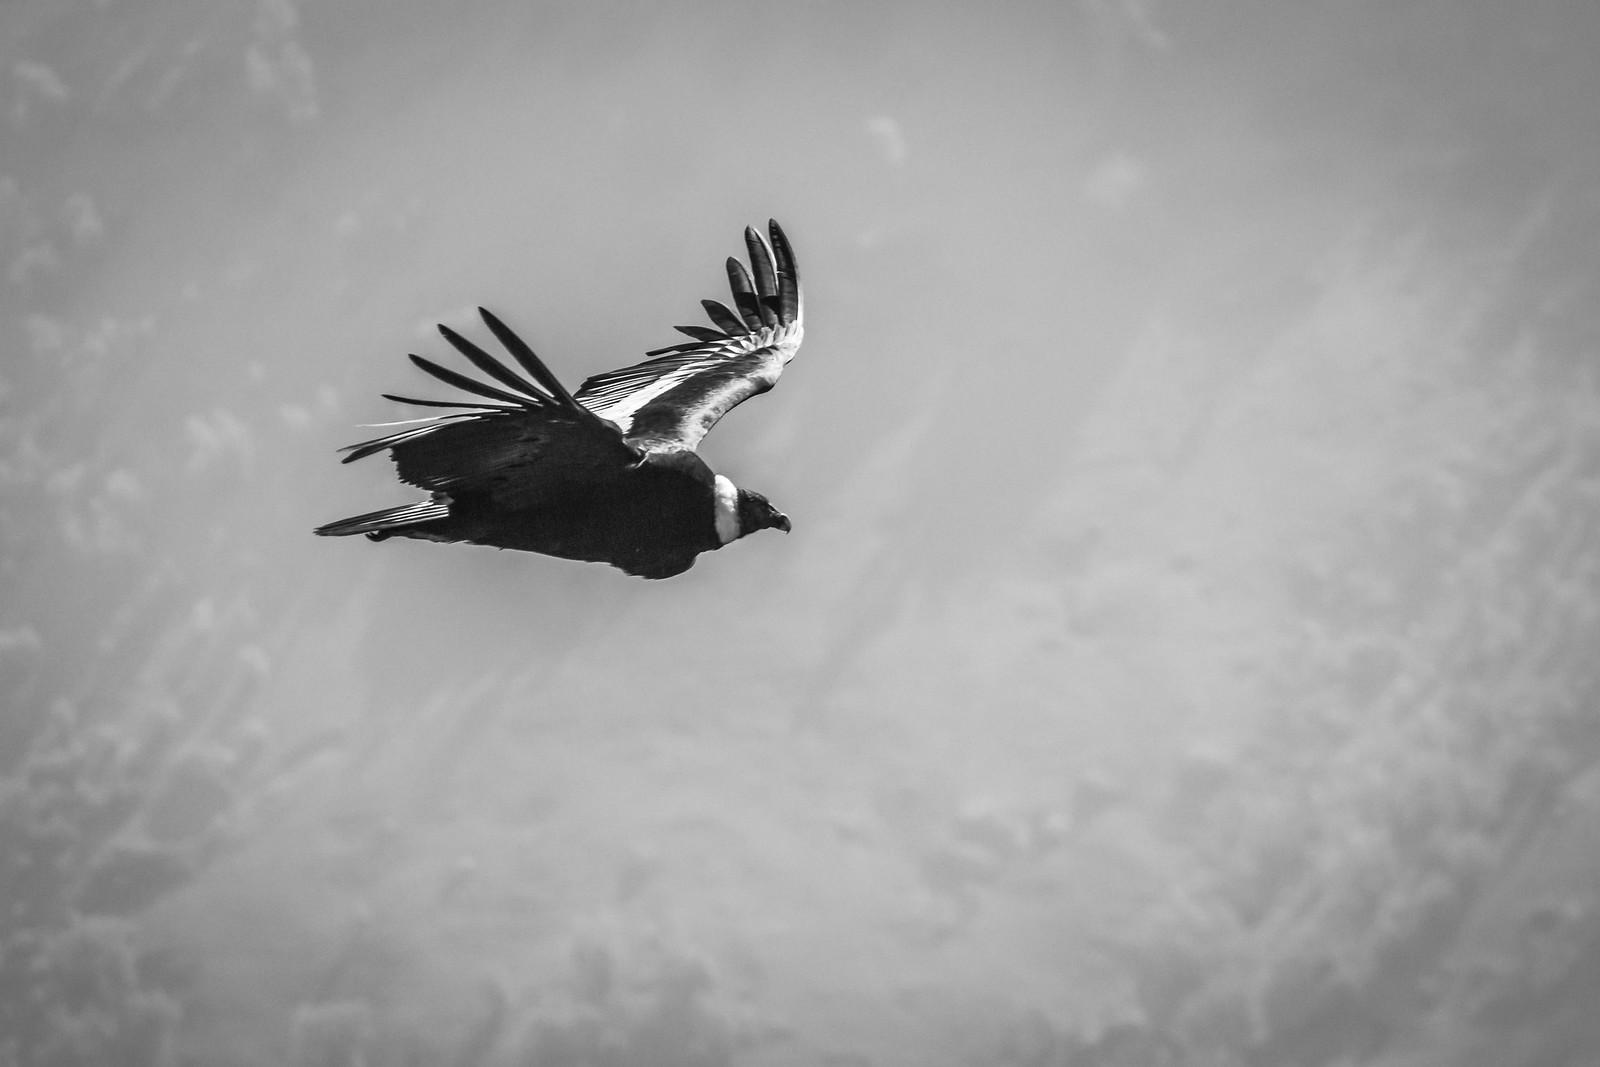 condor | by Flavio_Camus